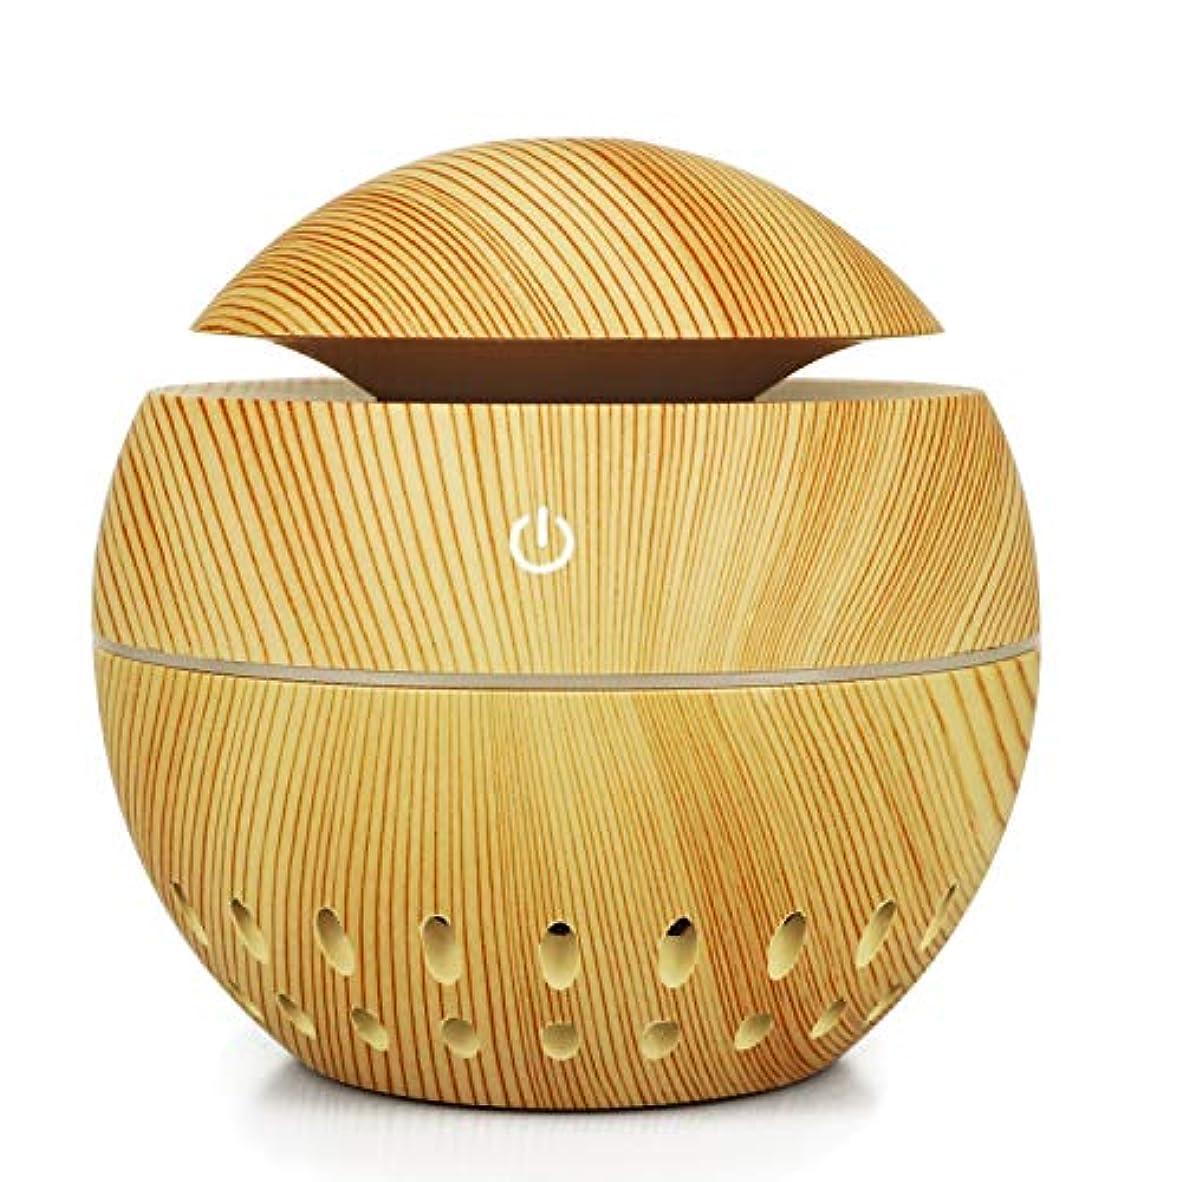 倍率その間と組む加湿器USBウッドグレイン中空加湿器きのこマシン総本店小型家電、ブラウン (Color : Brass)